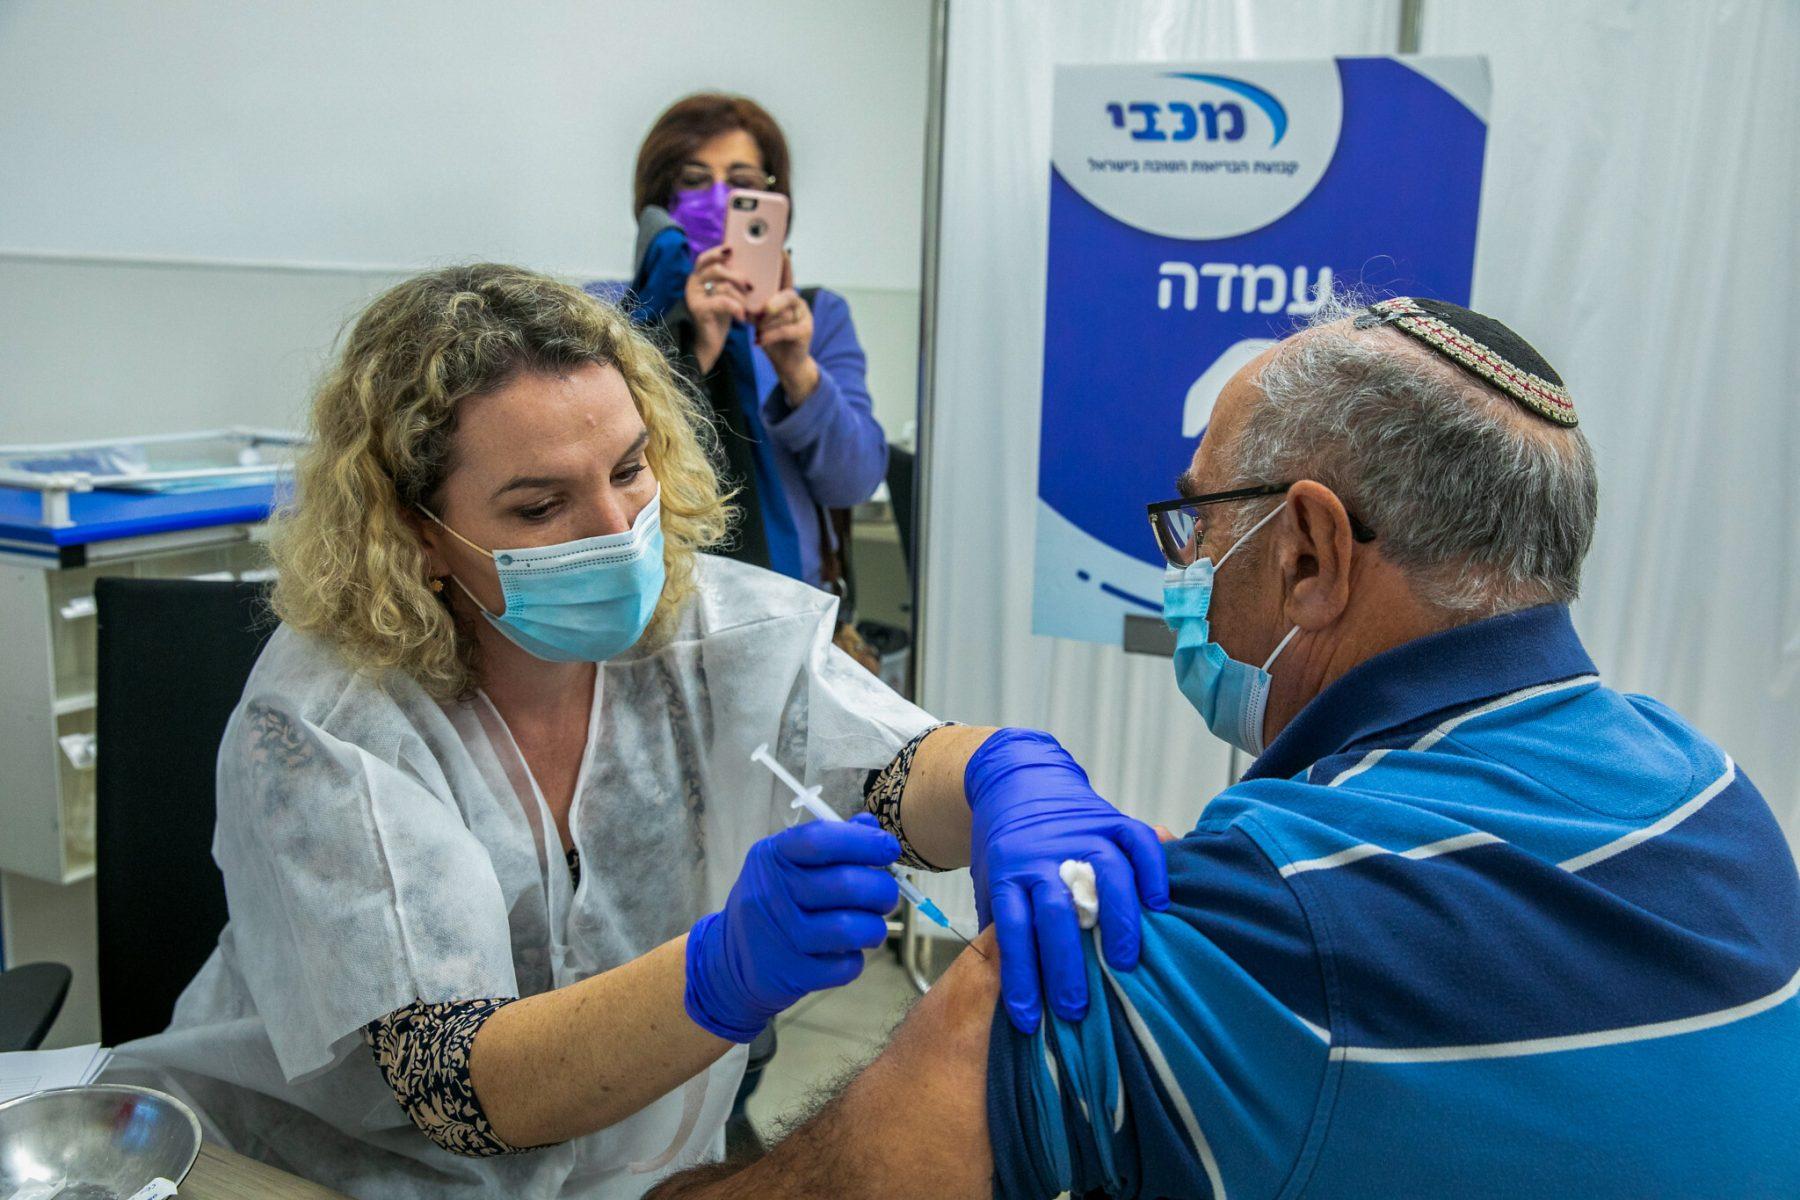 Εμβόλιο κορωνοϊός: Γιατί το Ισραήλ ηγείται παγκοσμίως στους εμβολιασμούς [pic,vid]